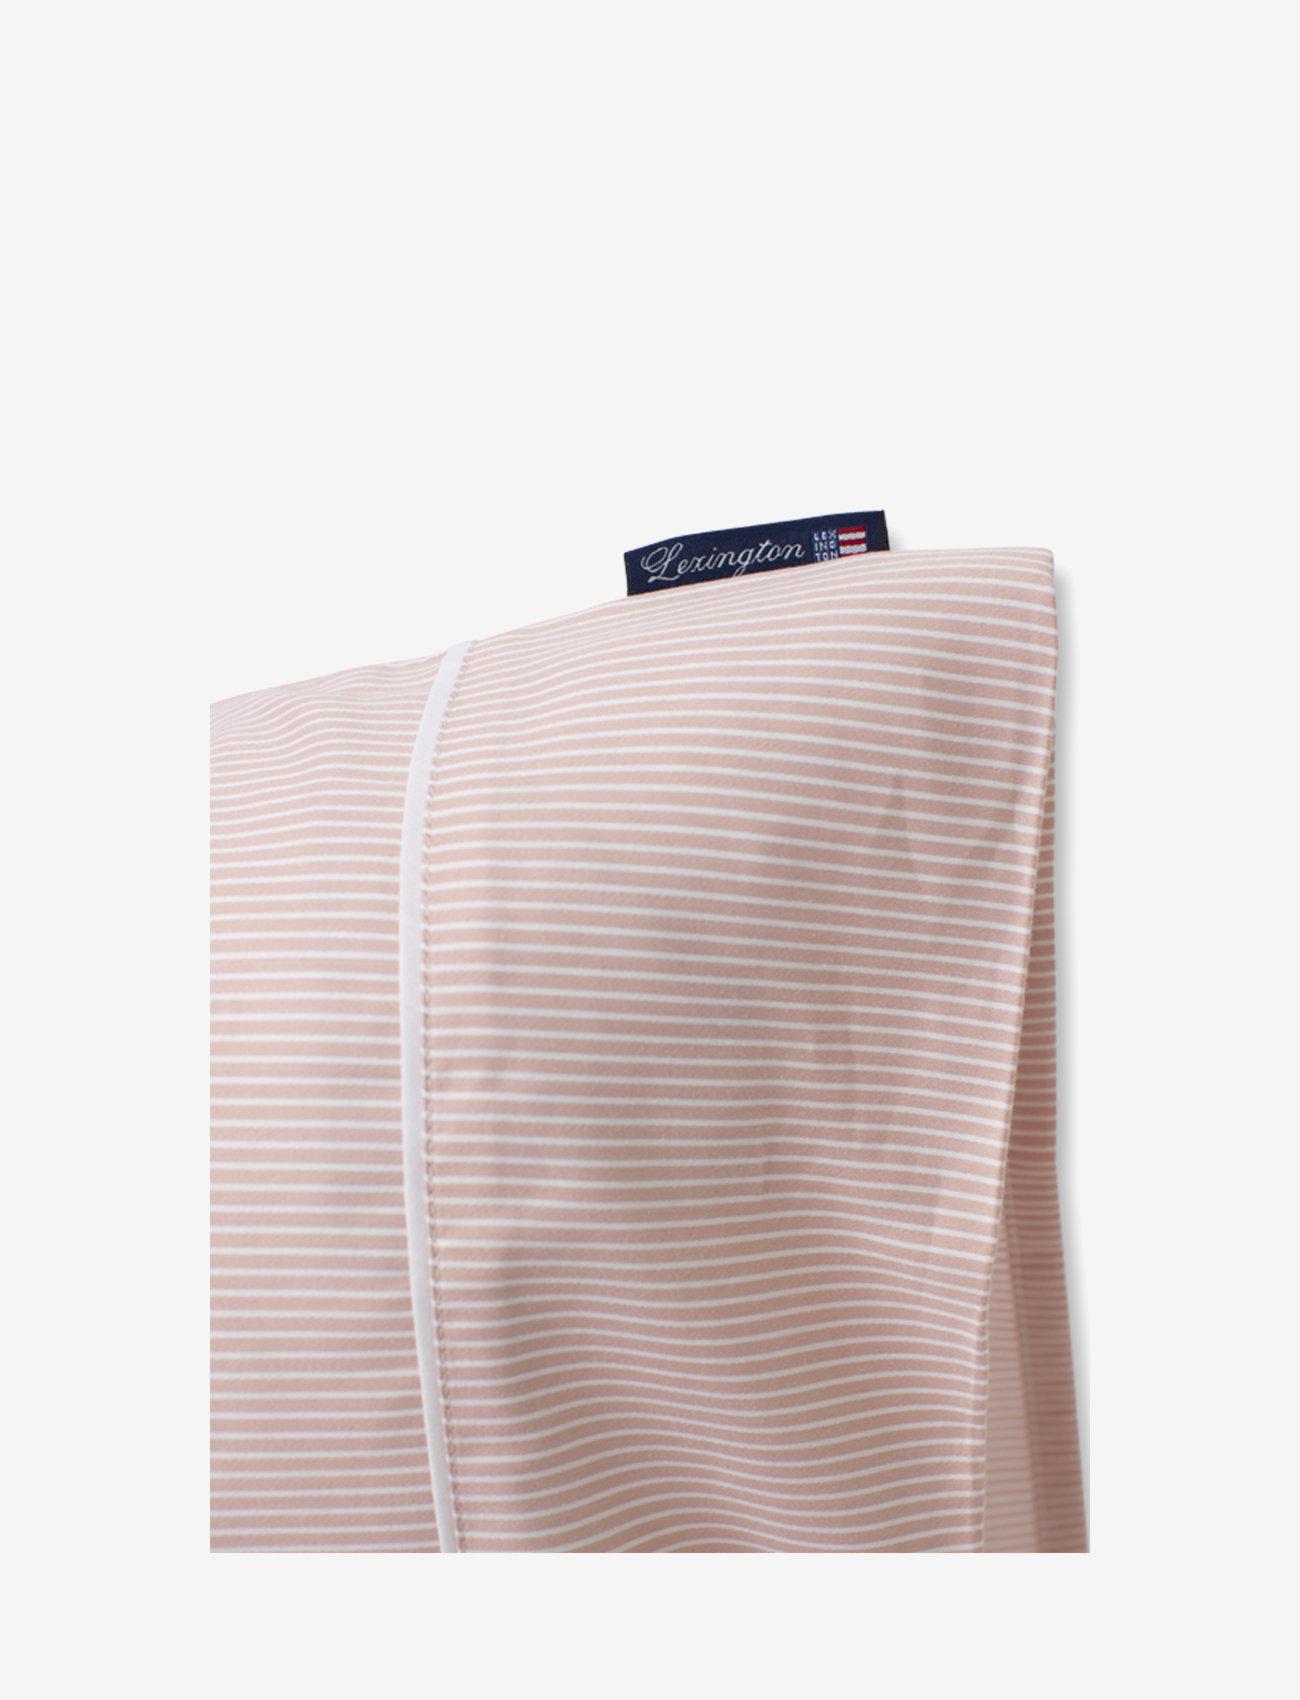 Lexington Home - Pink/White Striped Tencel/Cotton Pillowcase - tyynyliinat - pink/white - 1